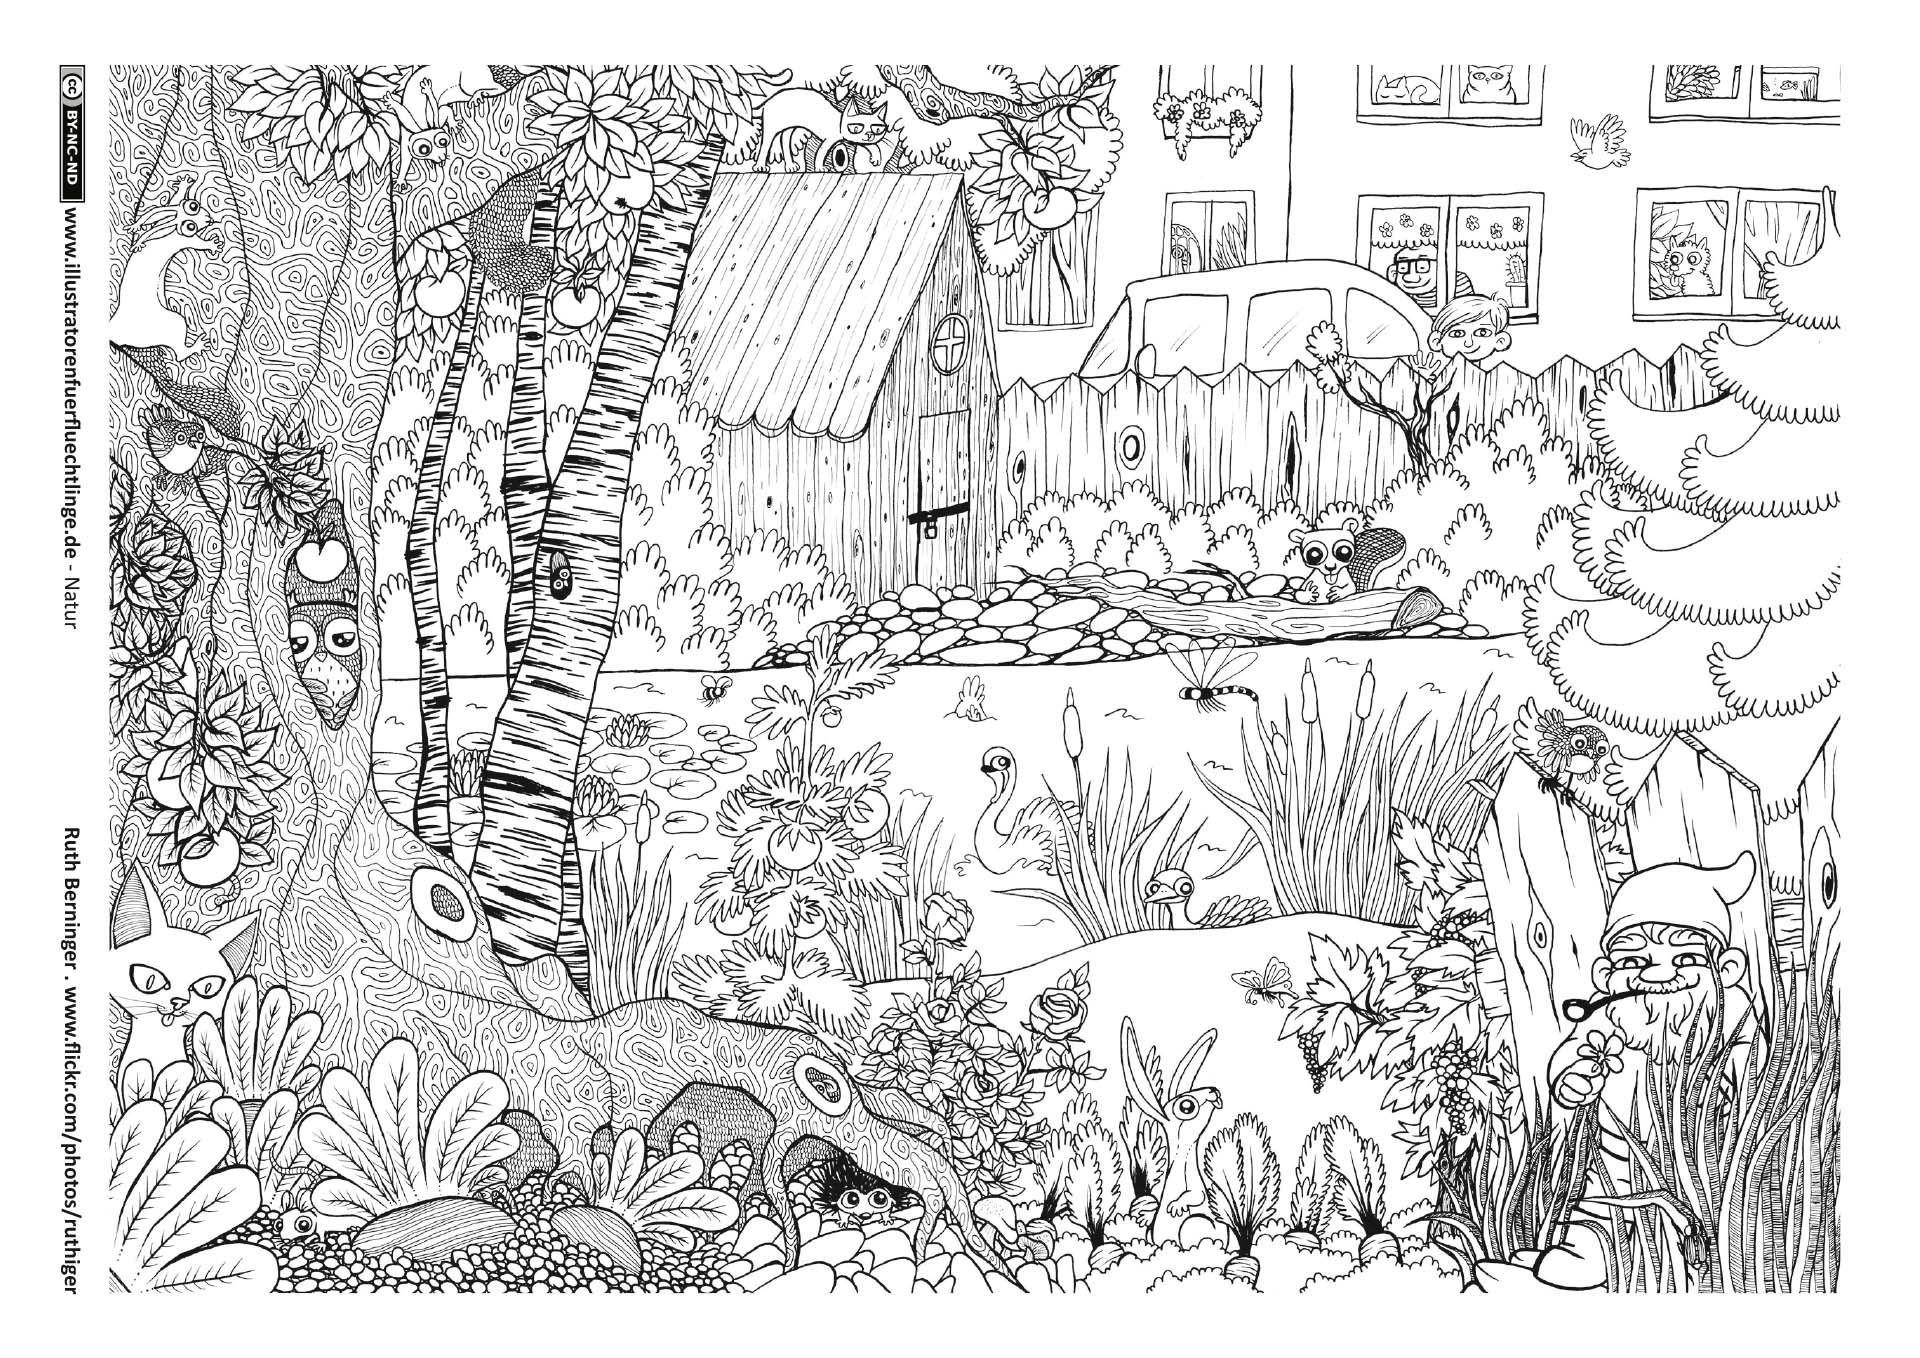 Malvorlage St Martin Neu Garten Tiere Wimmelbild … Dot to Dots Pinterest Genial Malvorlagen Sammlung